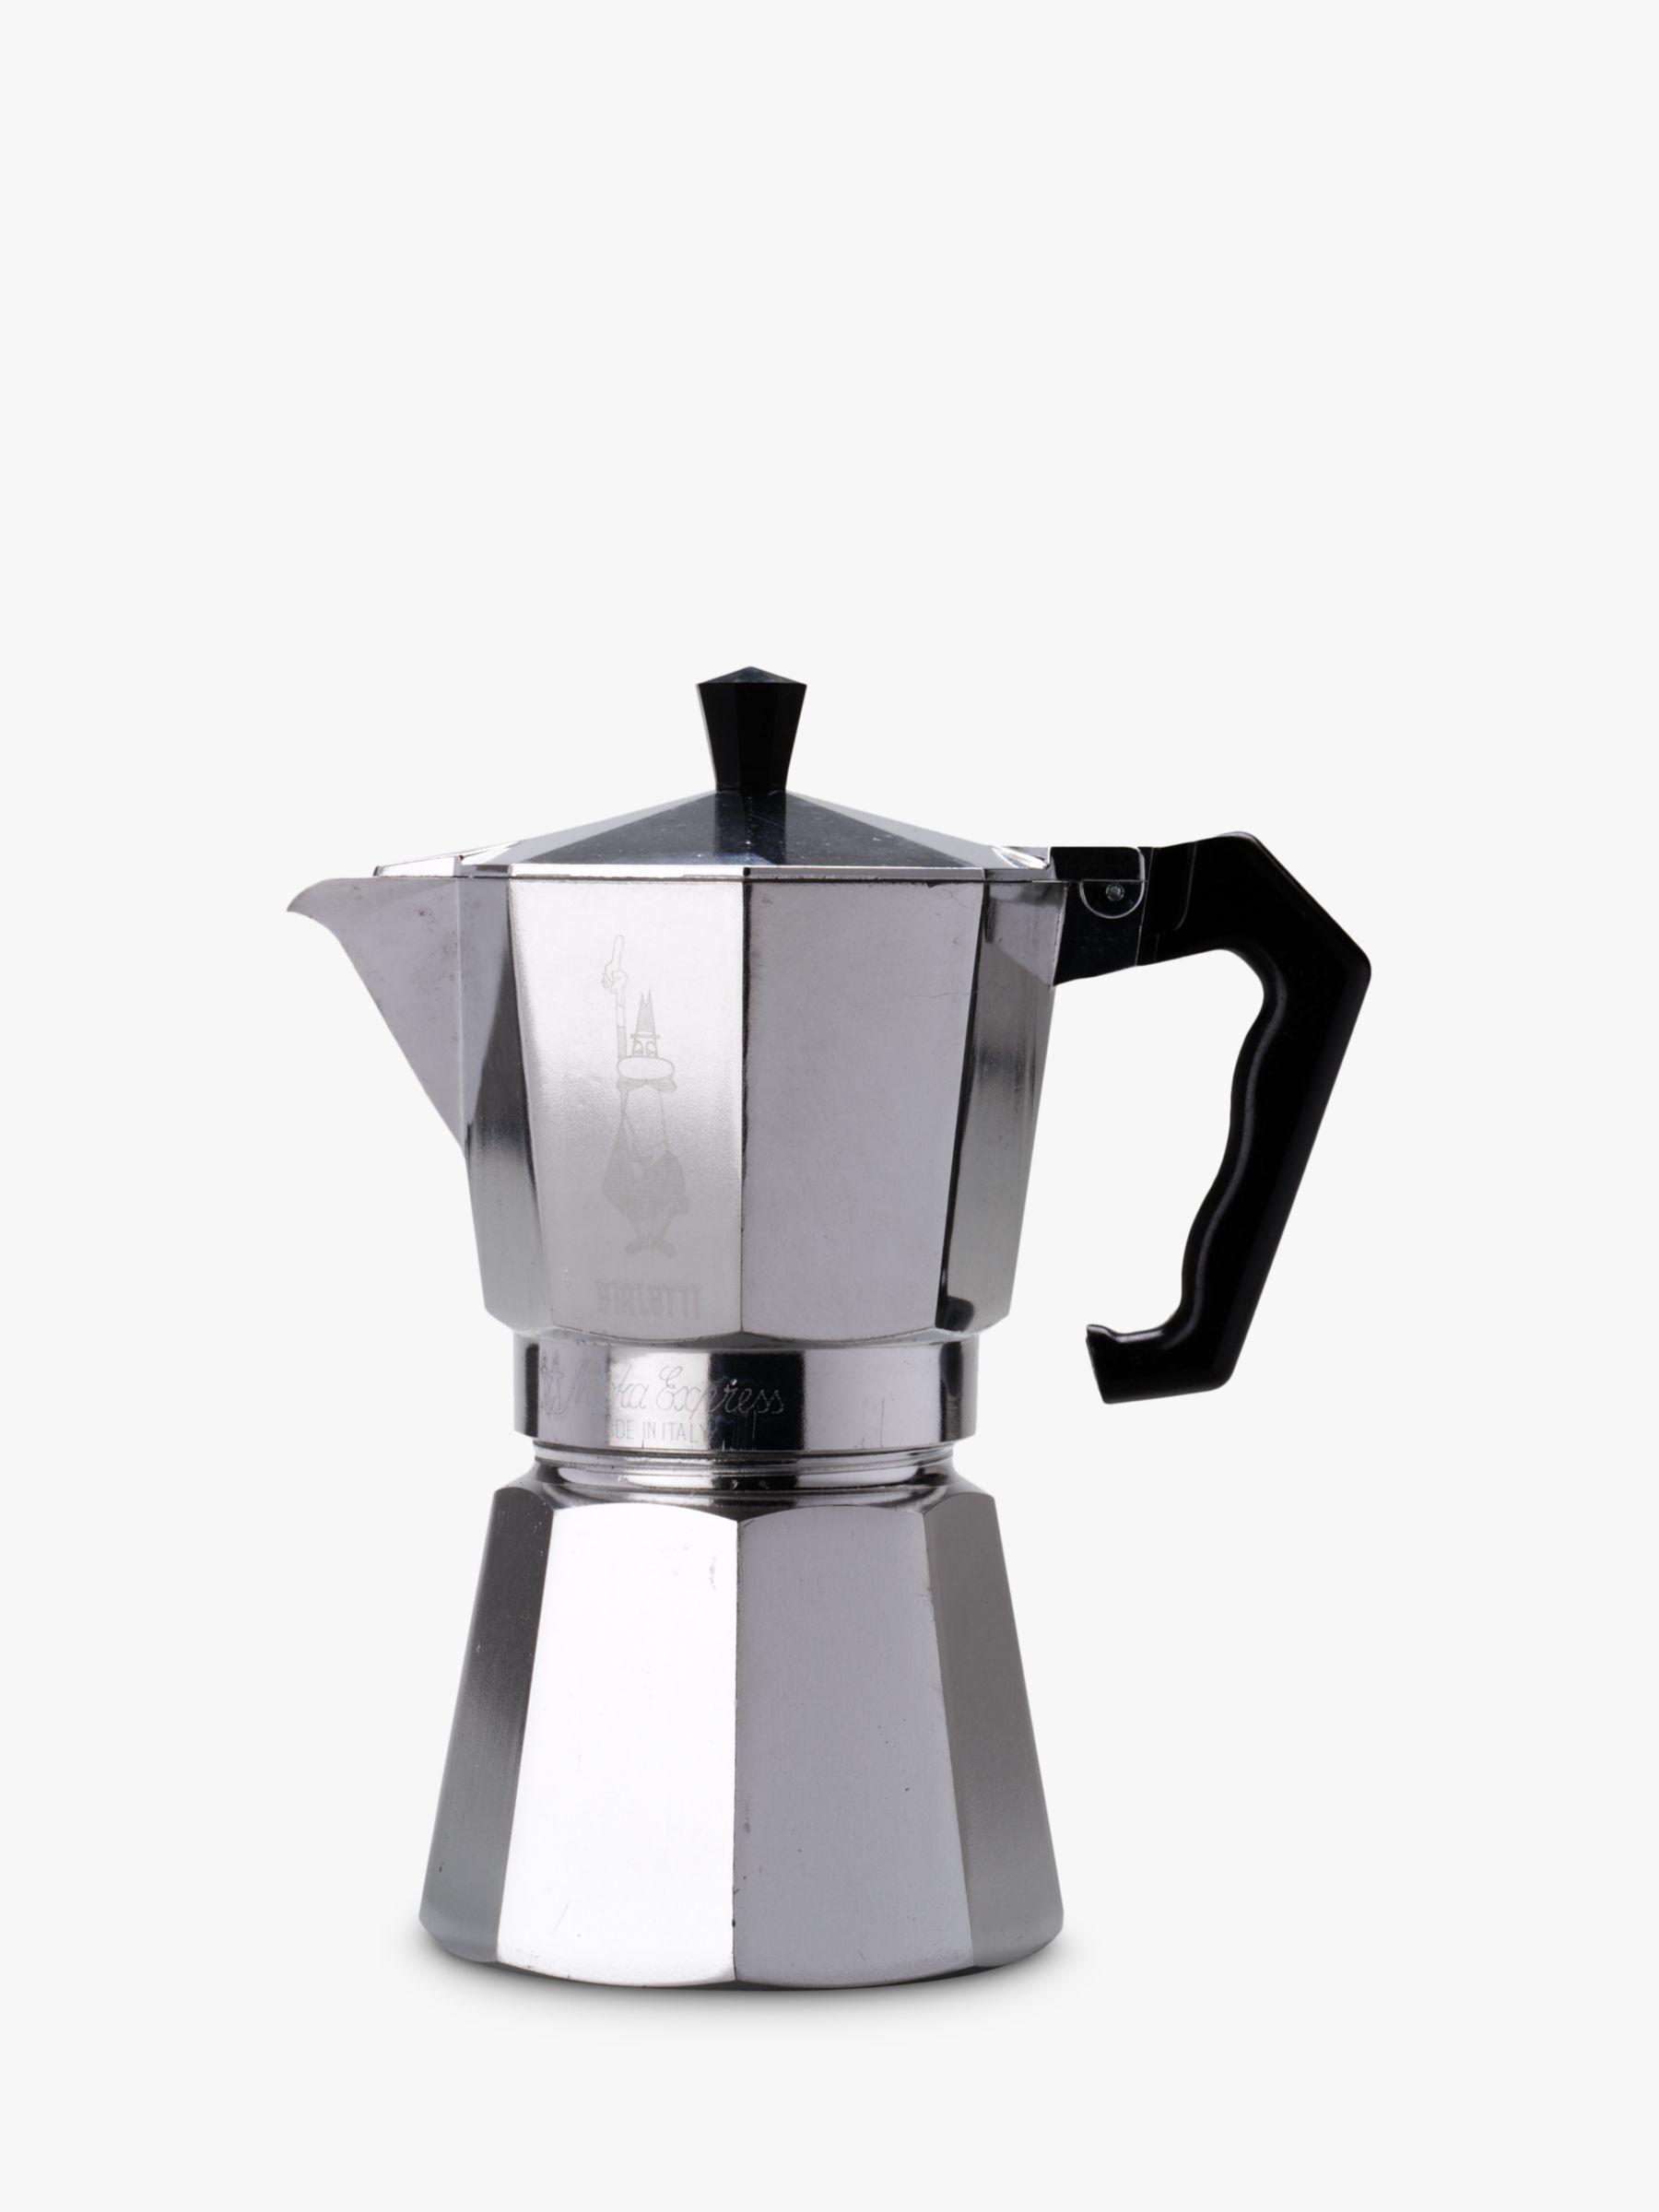 Bialetti Bialetti Moka Express Hob Espresso Maker